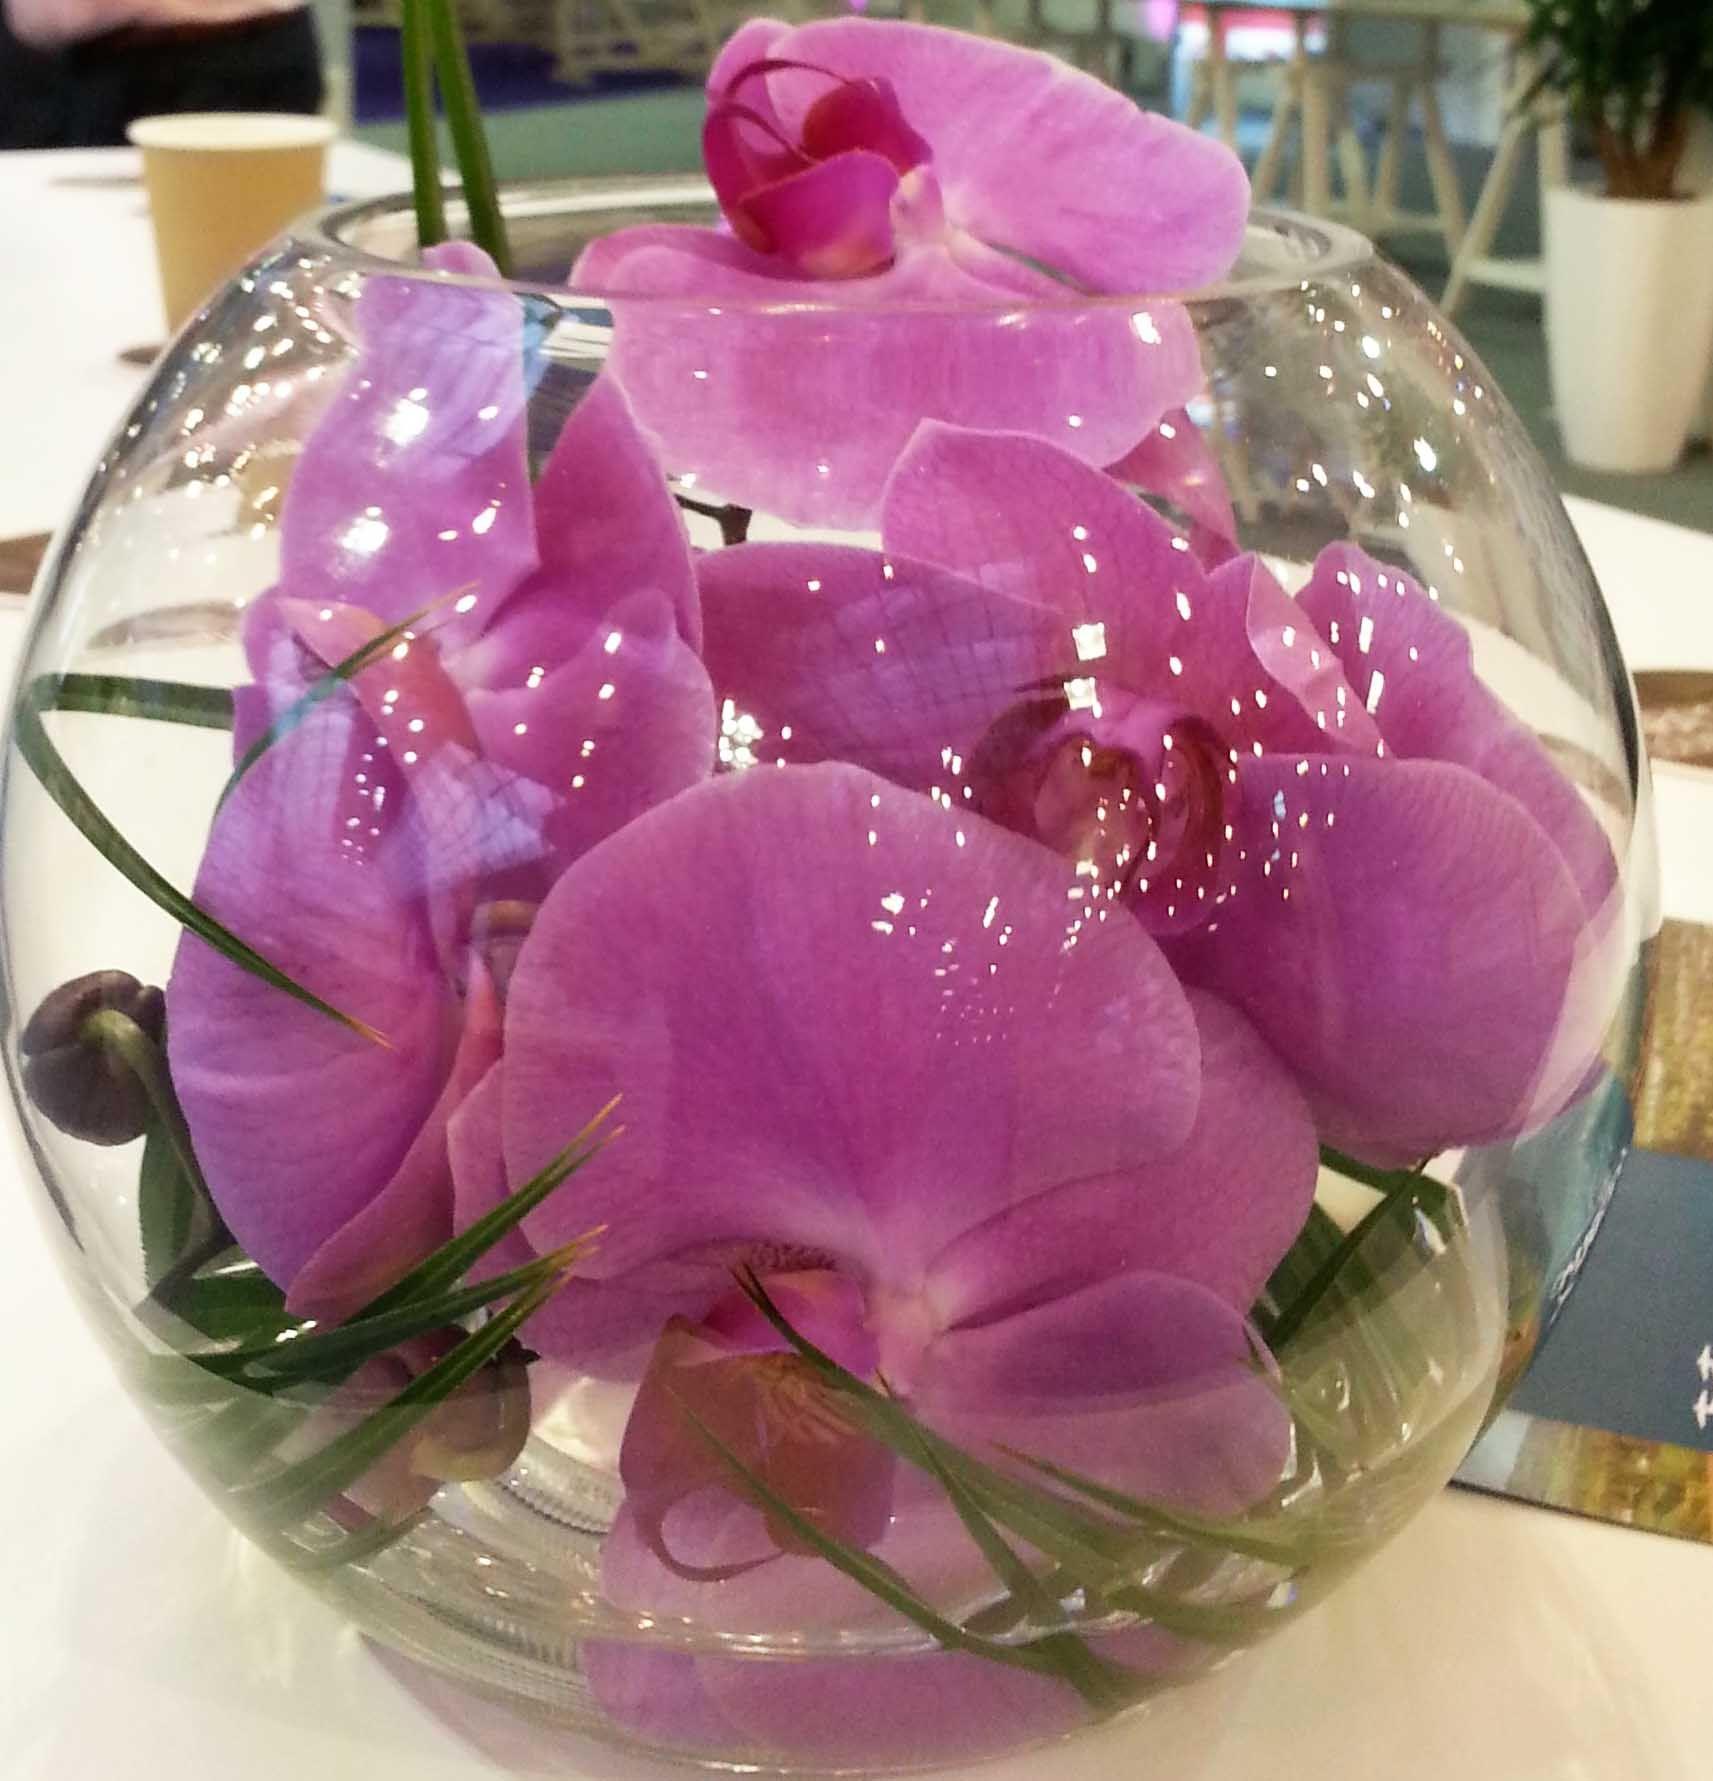 Purple Orchid Arrangements